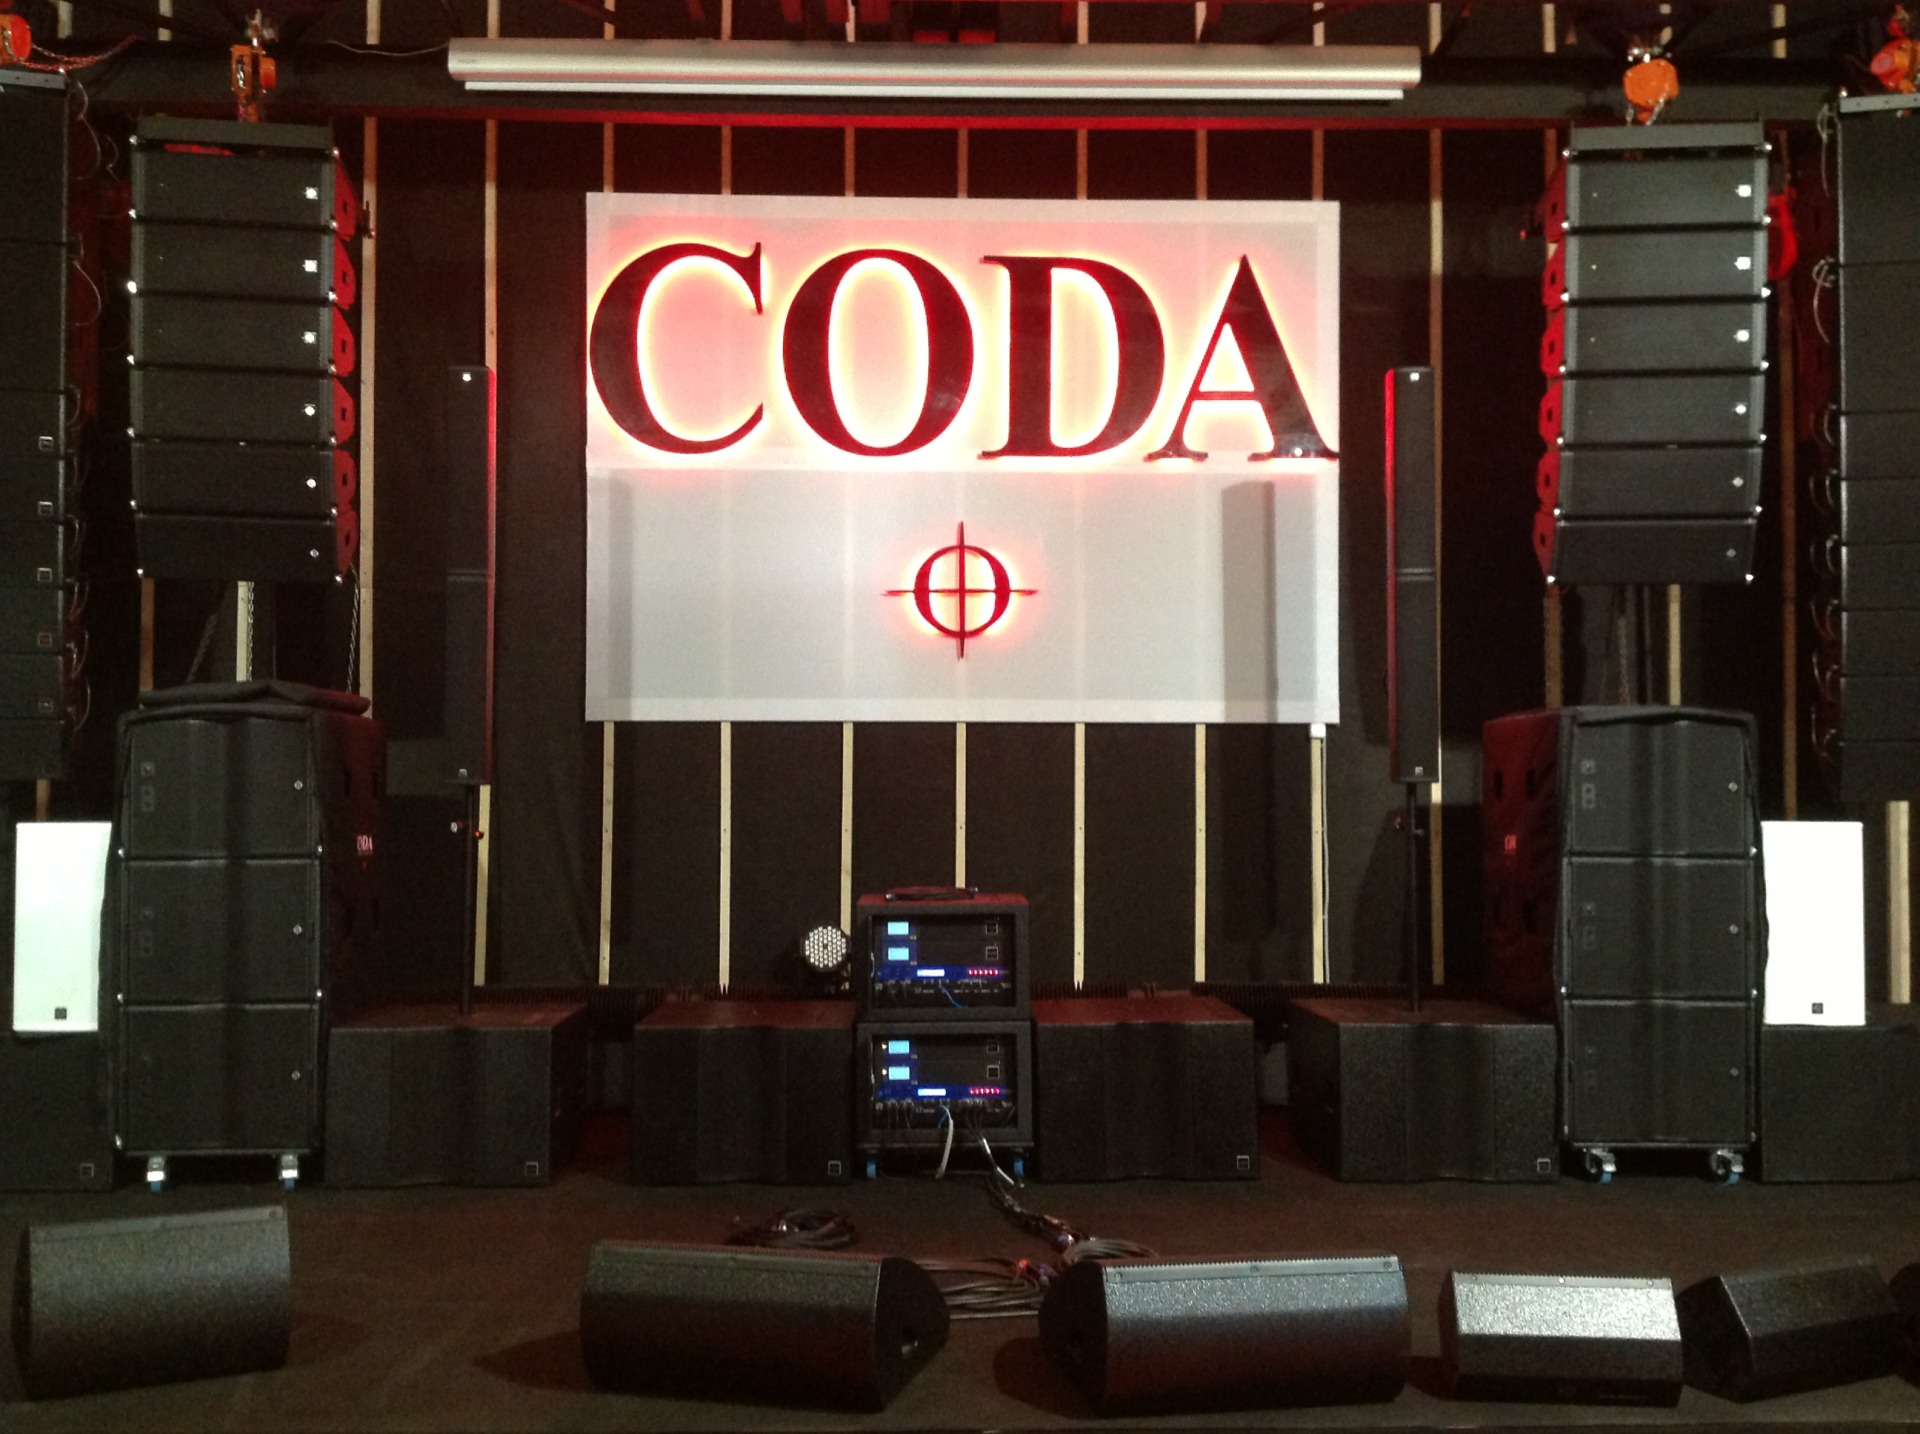 Звуковое оборудование Coda Audio